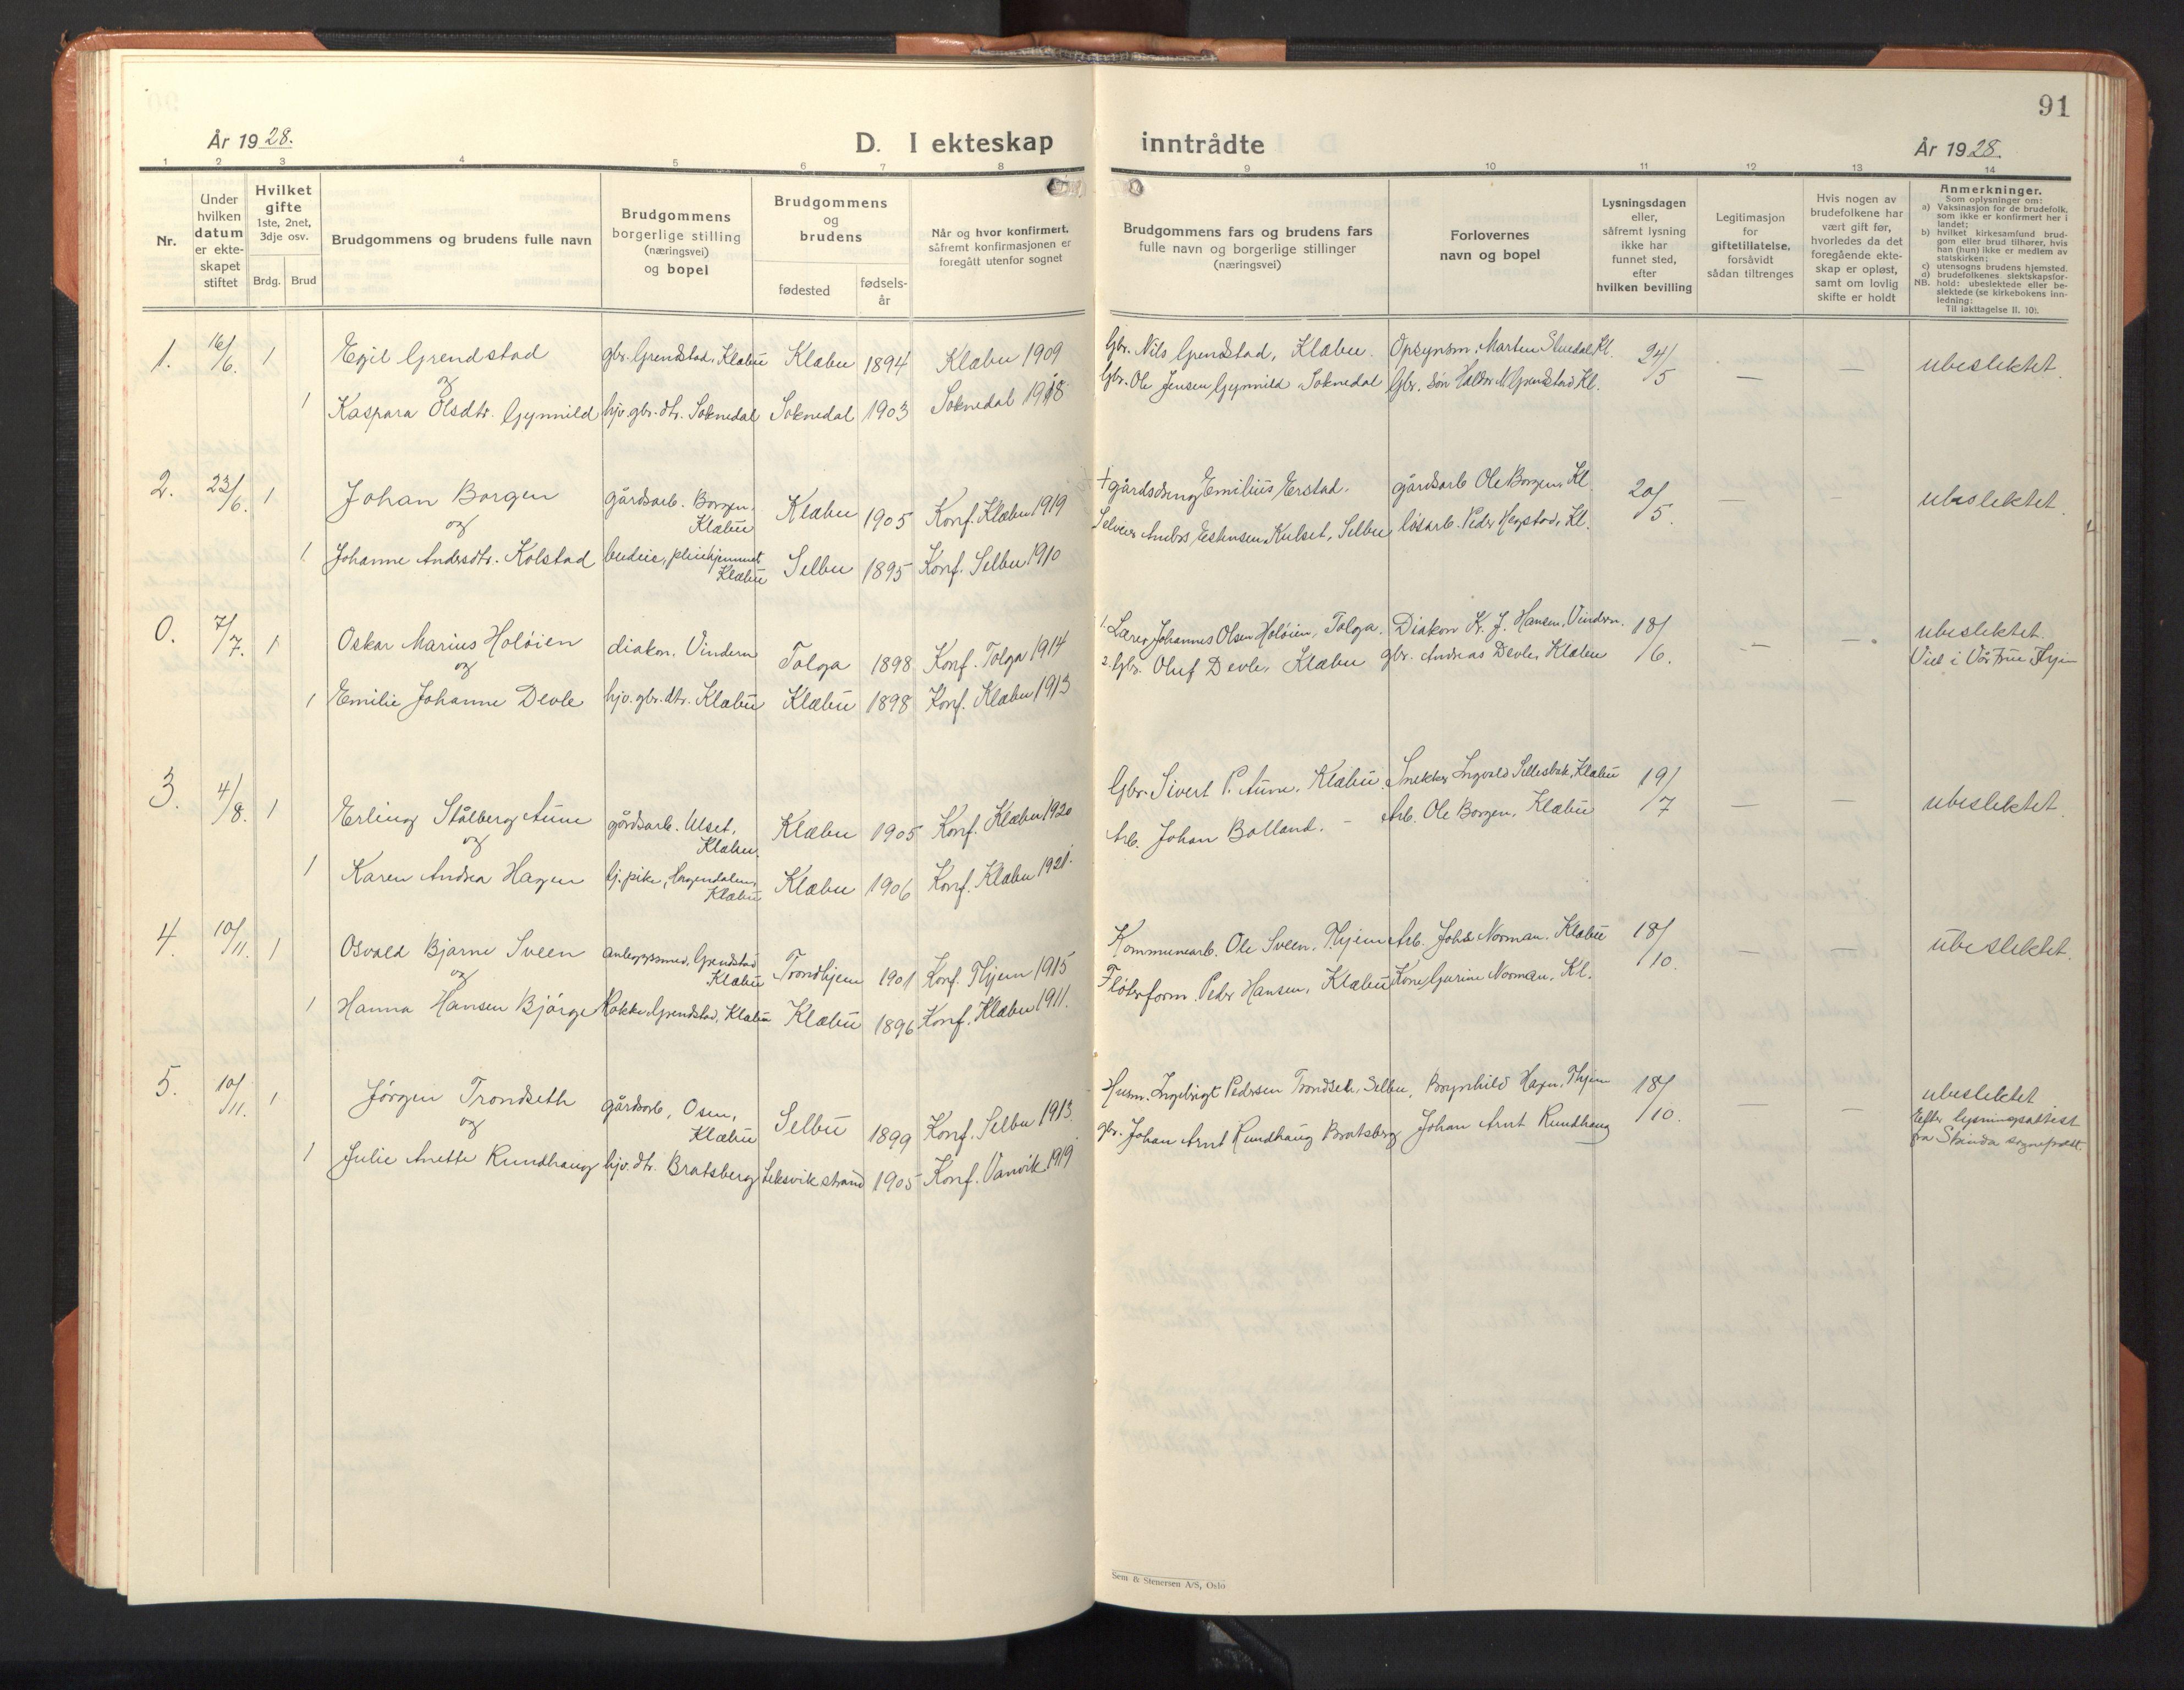 SAT, Ministerialprotokoller, klokkerbøker og fødselsregistre - Sør-Trøndelag, 618/L0454: Klokkerbok nr. 618C05, 1926-1946, s. 91